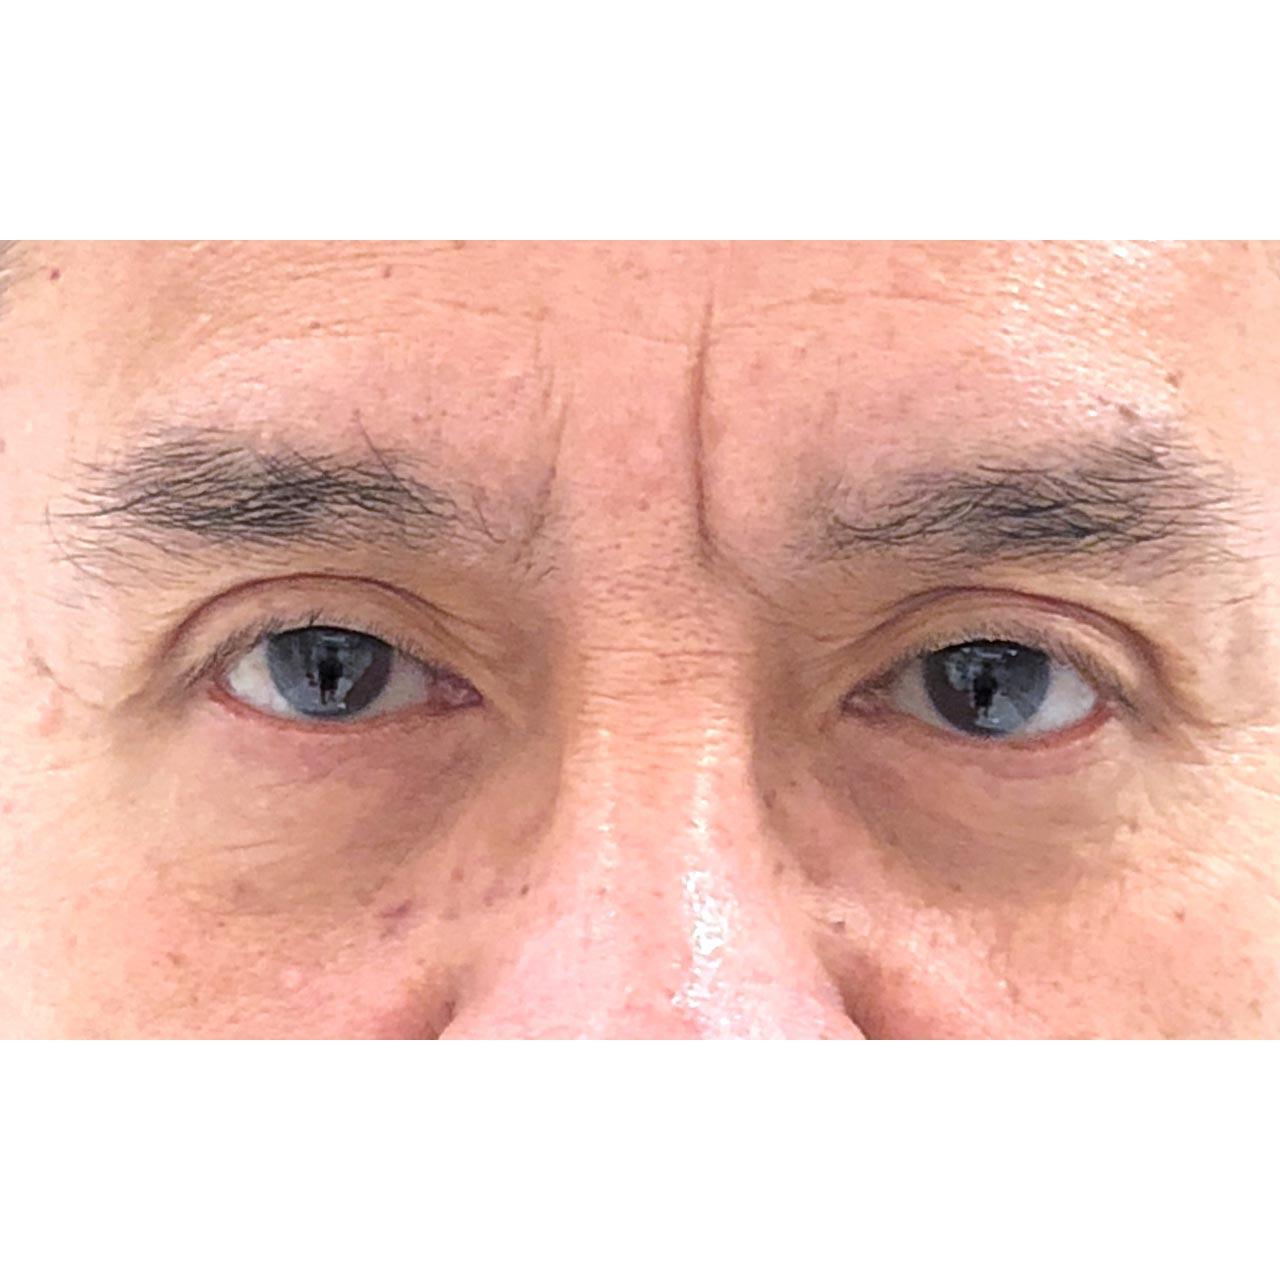 Eyelid Surgery 18